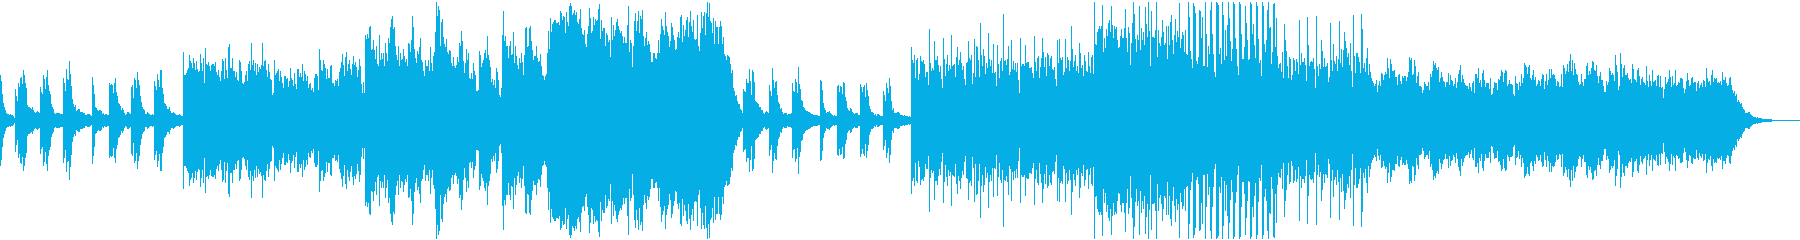 『回想』想い出蘇る鐘の音、電子系ポップスの再生済みの波形